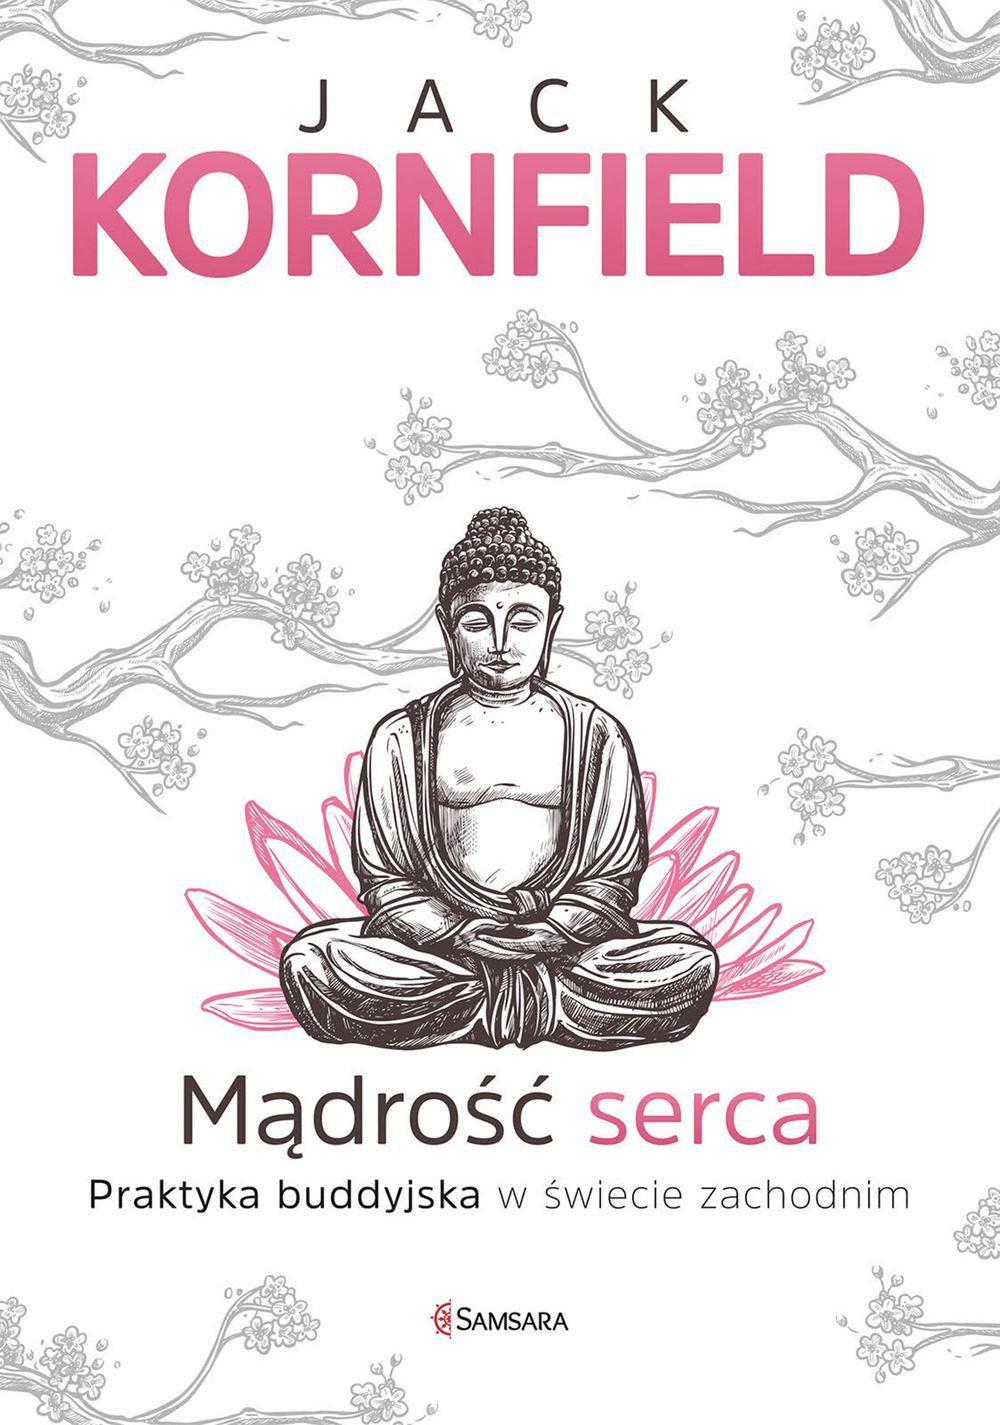 Mądrość serca. Praktyka buddyjska w świecie zachodnim - Ebook (Książka EPUB) do pobrania w formacie EPUB